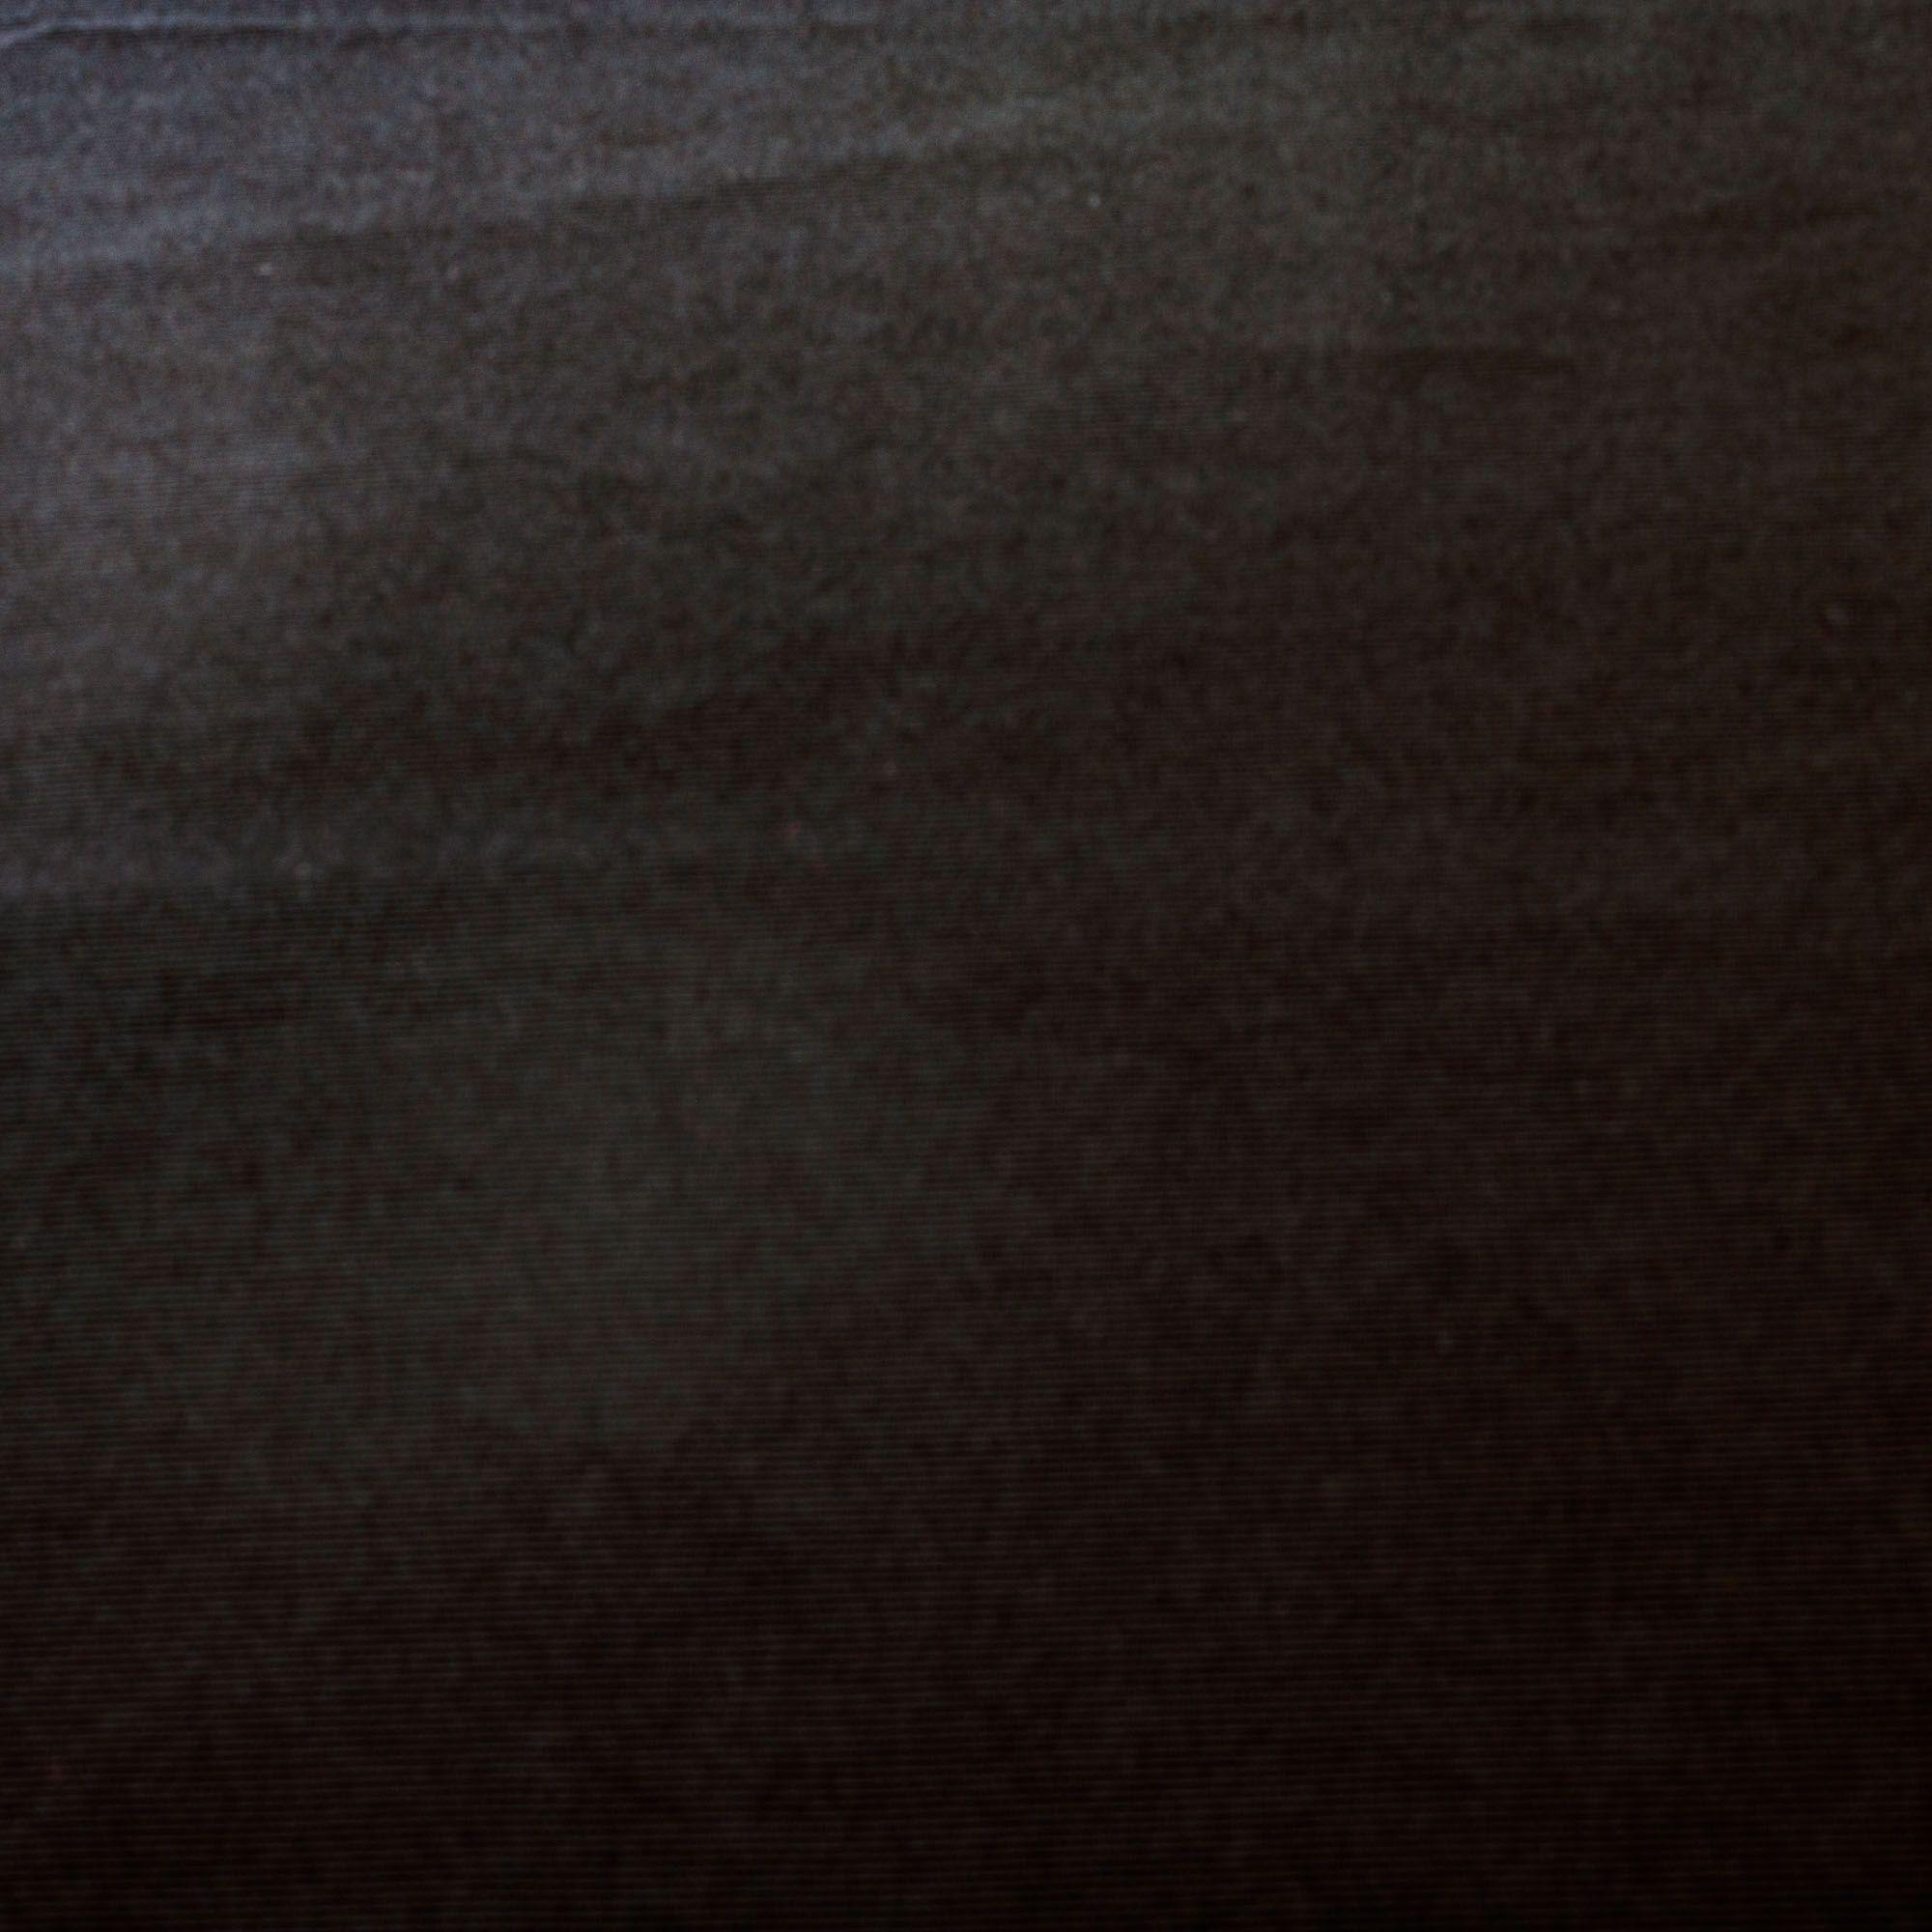 Tecido Malha Canelada Preta 92% Poliester 8% Elastano 1,50 m Largura